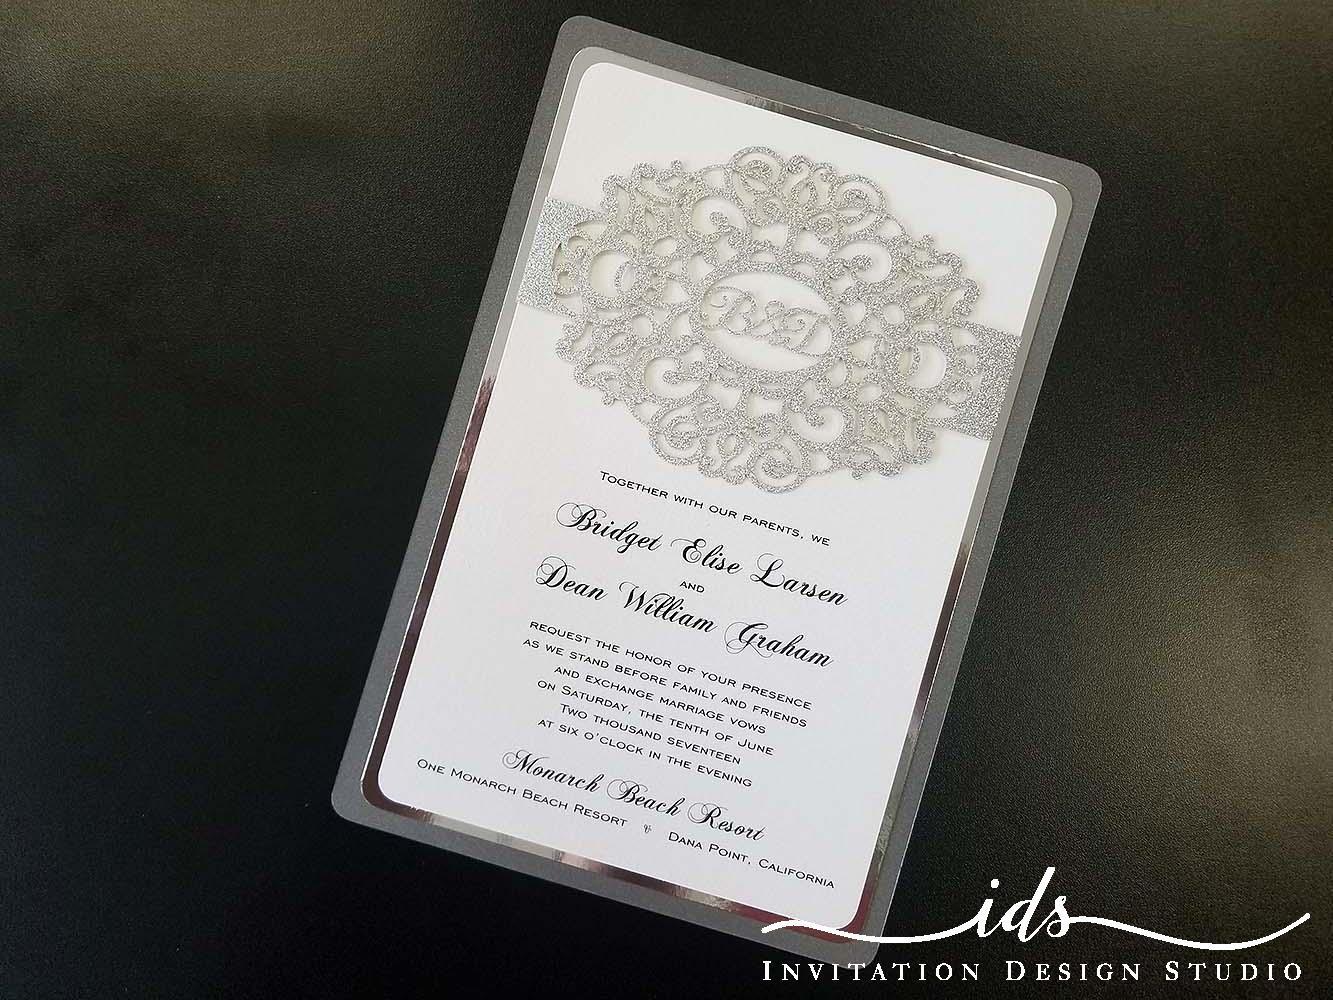 Invitation Gallery | Invitation Design Studio